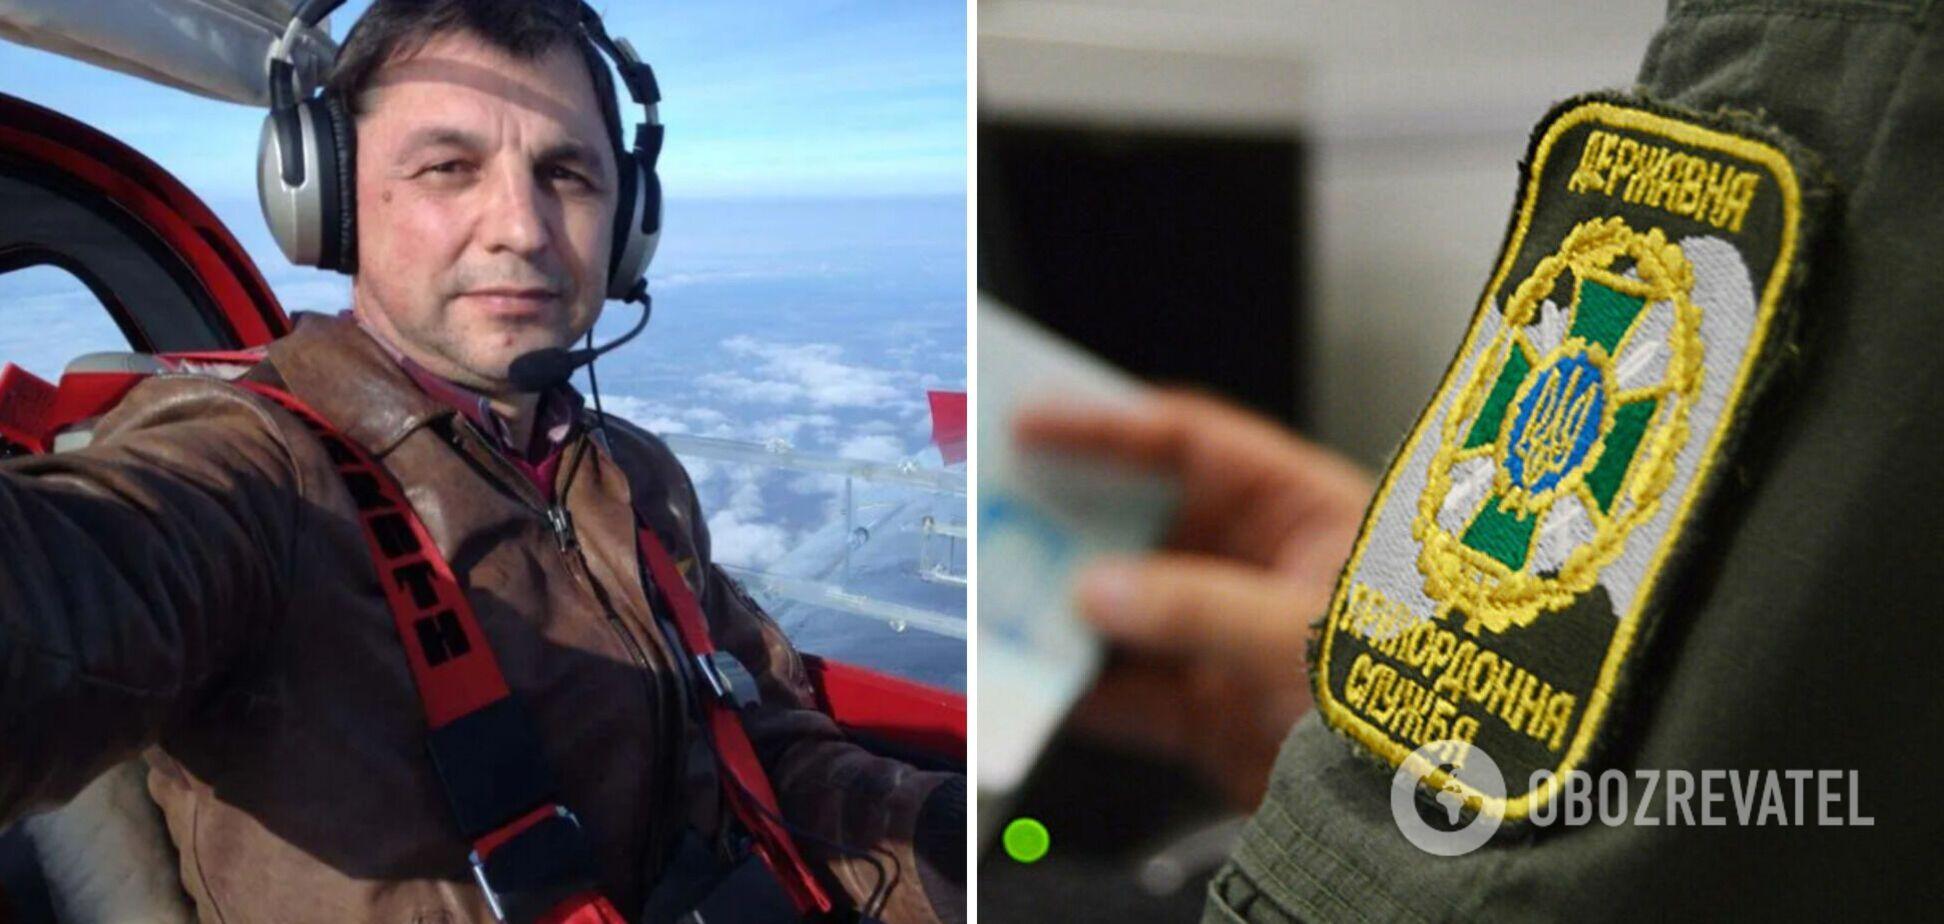 Новини України: на Прикарпатті розбився легендарний пілот, а Кабмін змінив правила в'їзду